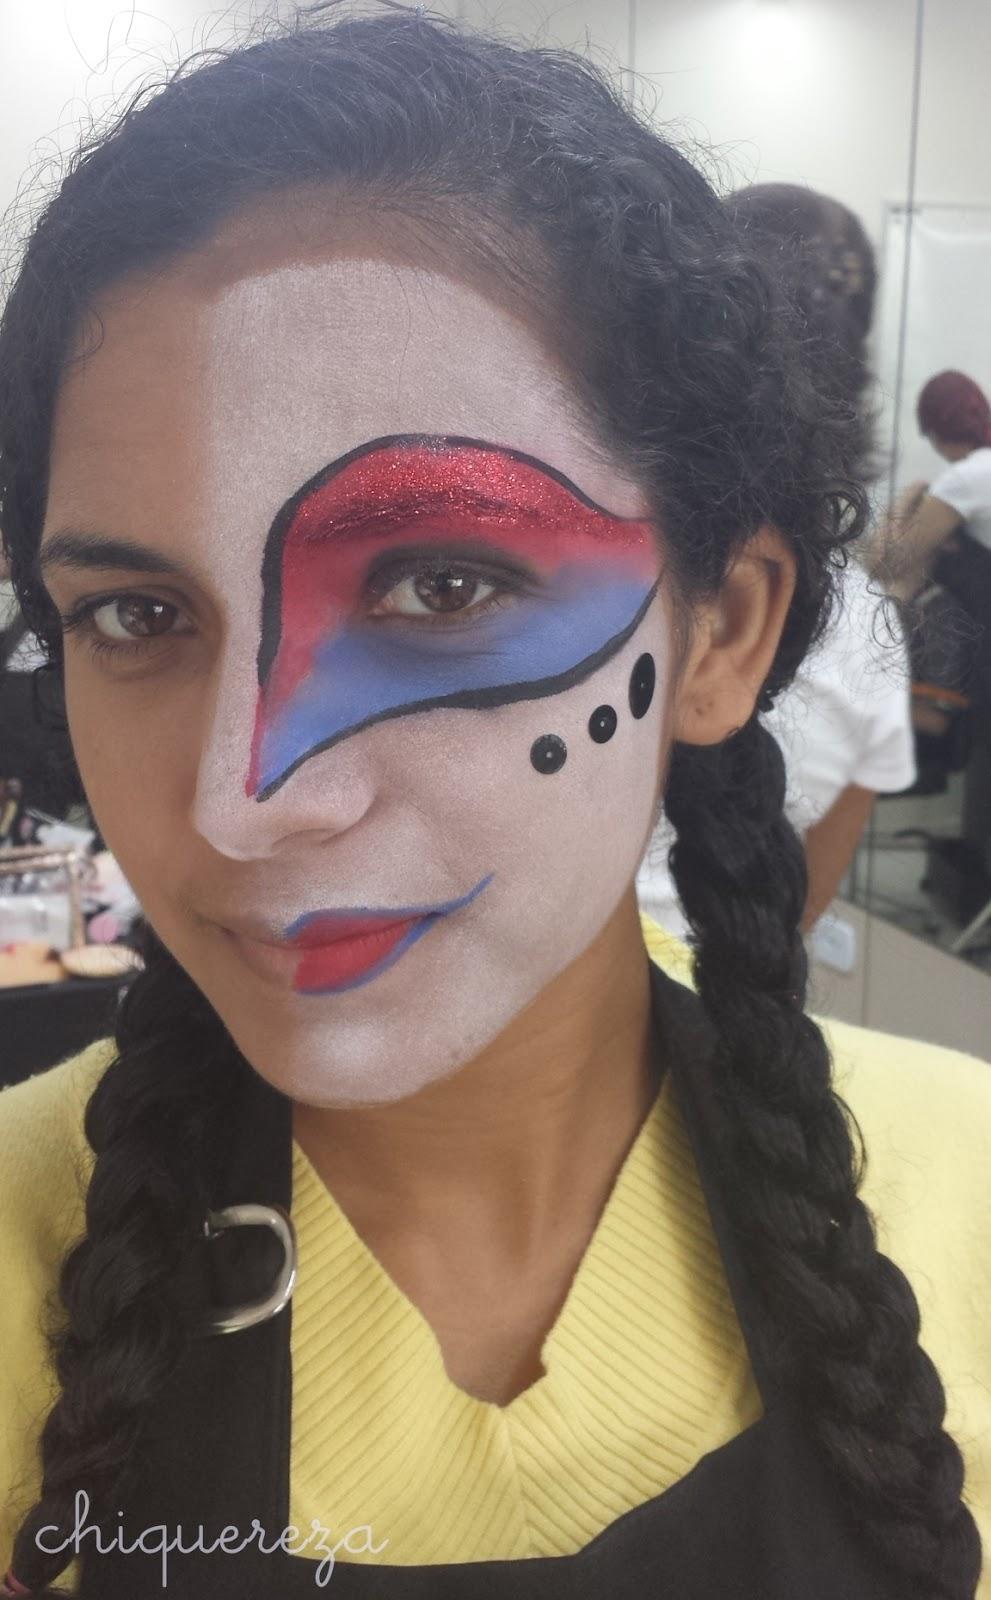 maquiagem carnaval, curso senac maquiador profissional